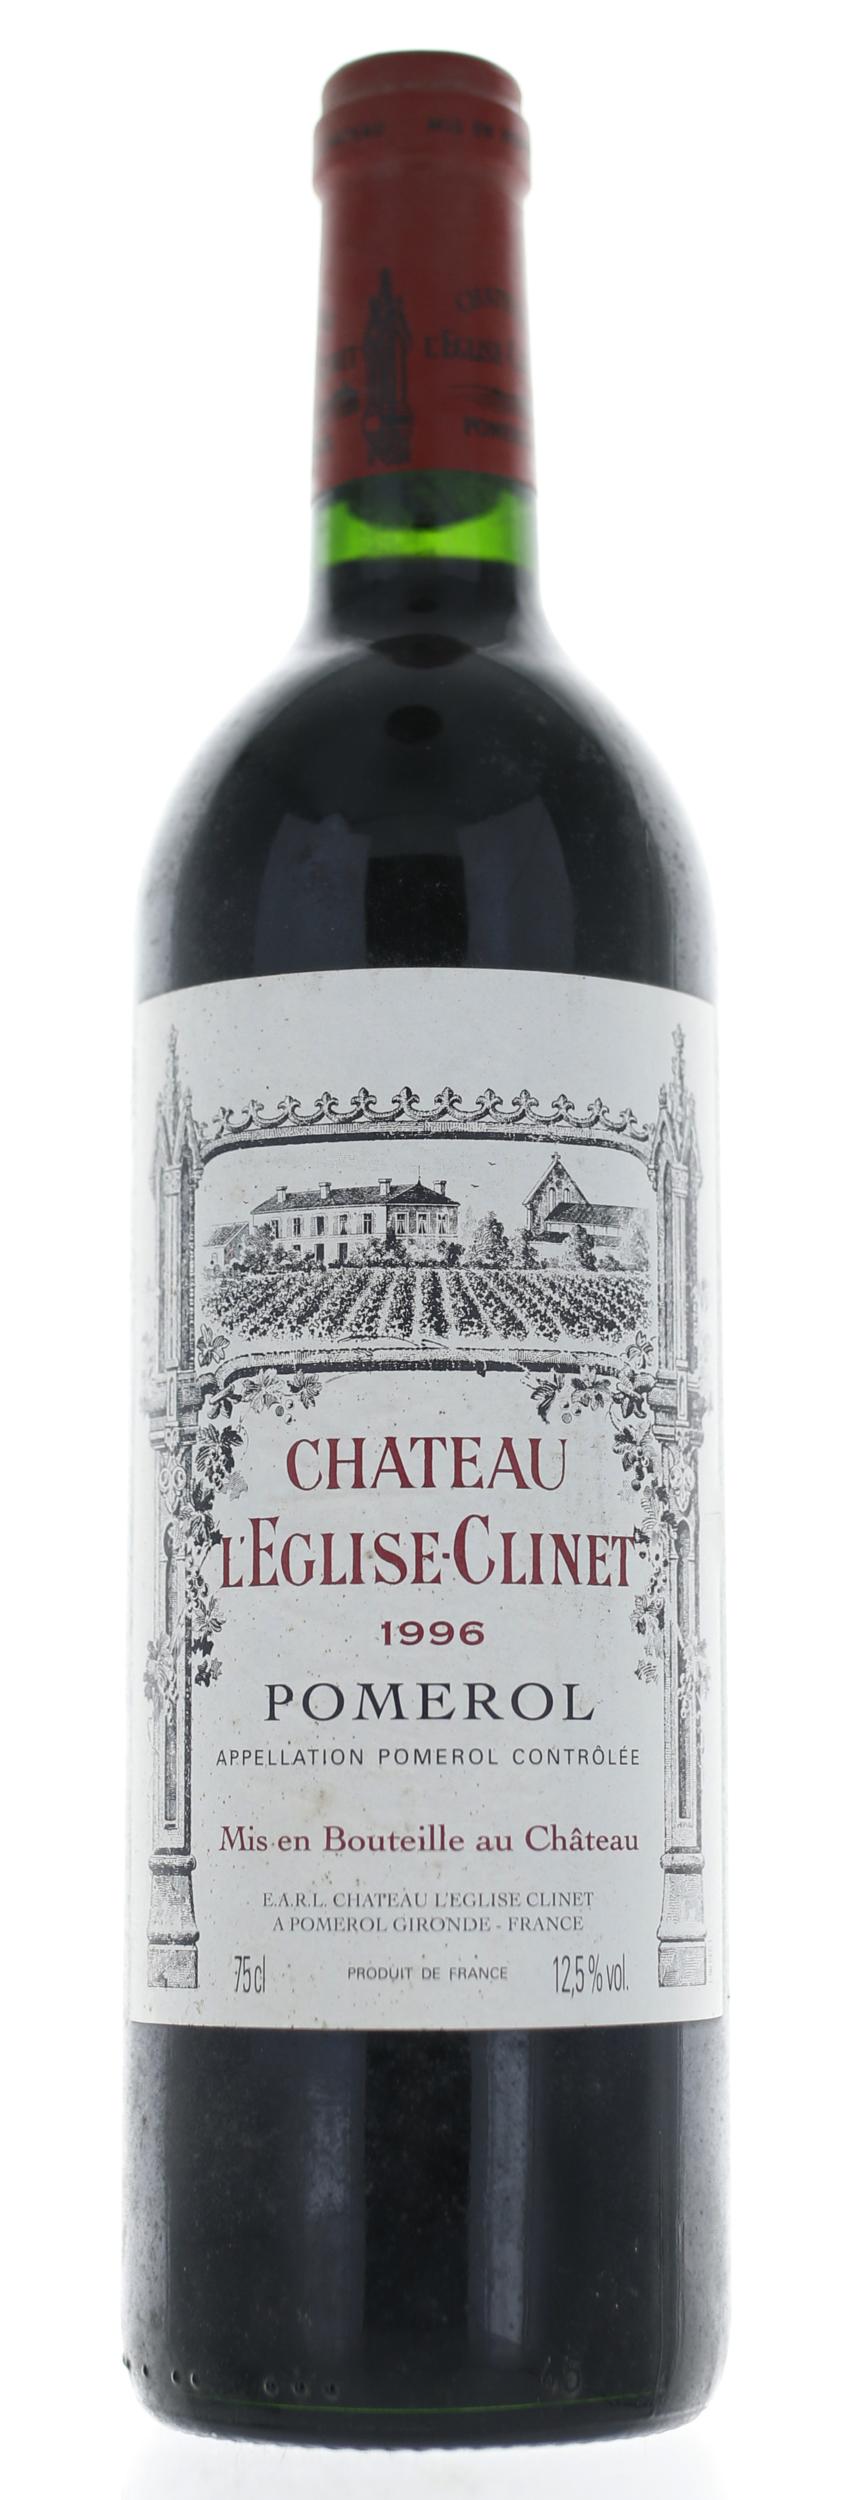 Pomerol - Château Eglise Clinet - 1996